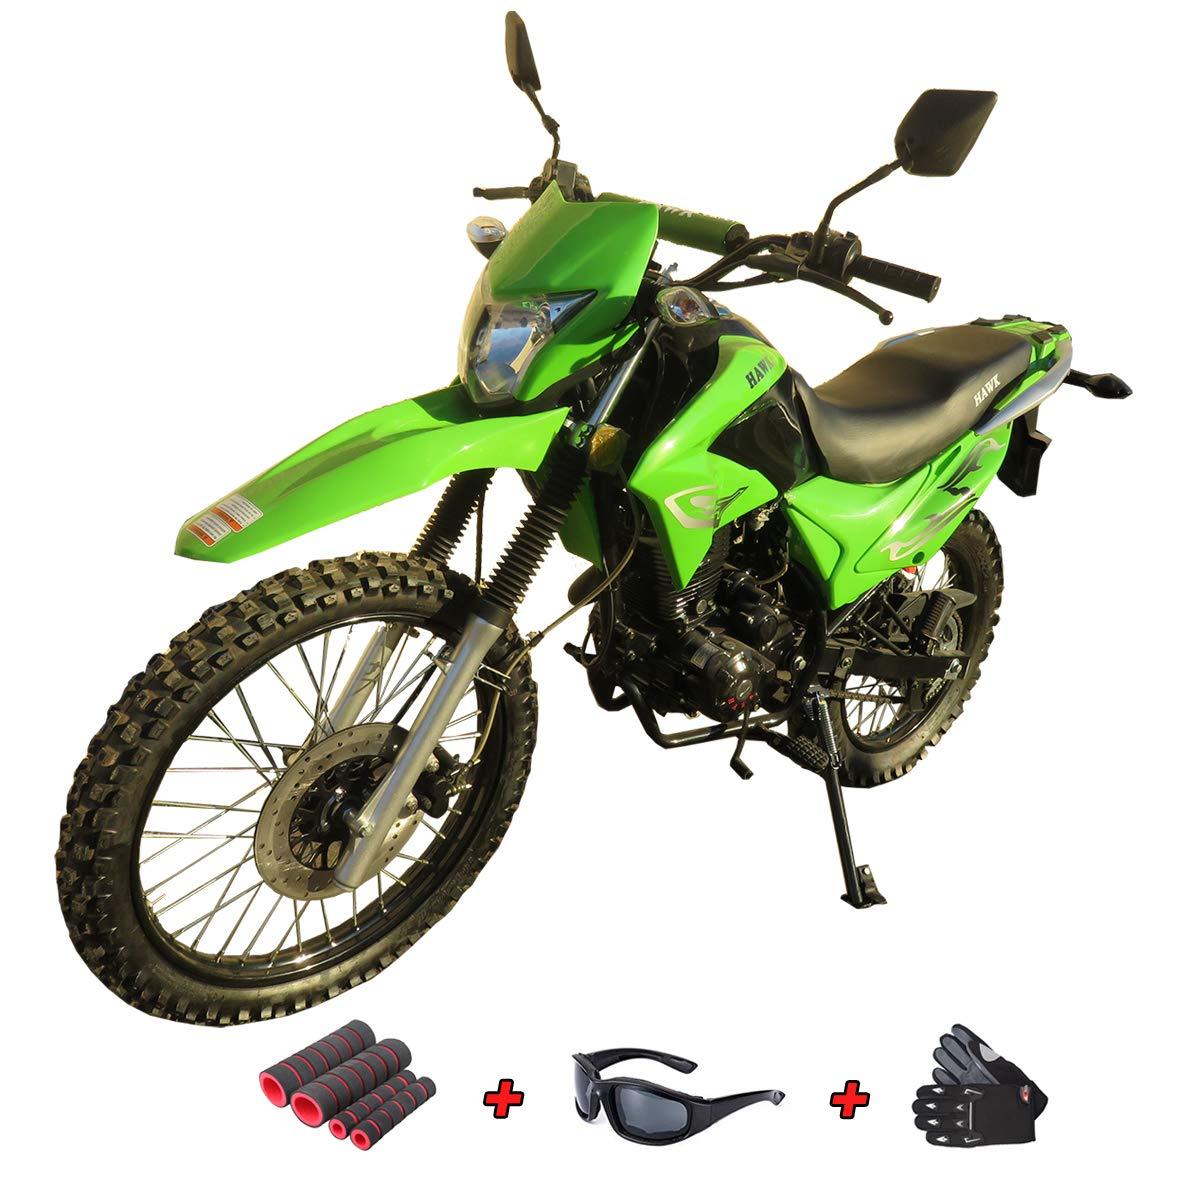 250cc Dirt Bike Hawk 250 Enduro Street Bike Motorcycle Bike with Gloves, Sunglasses and Handgrip (Green)